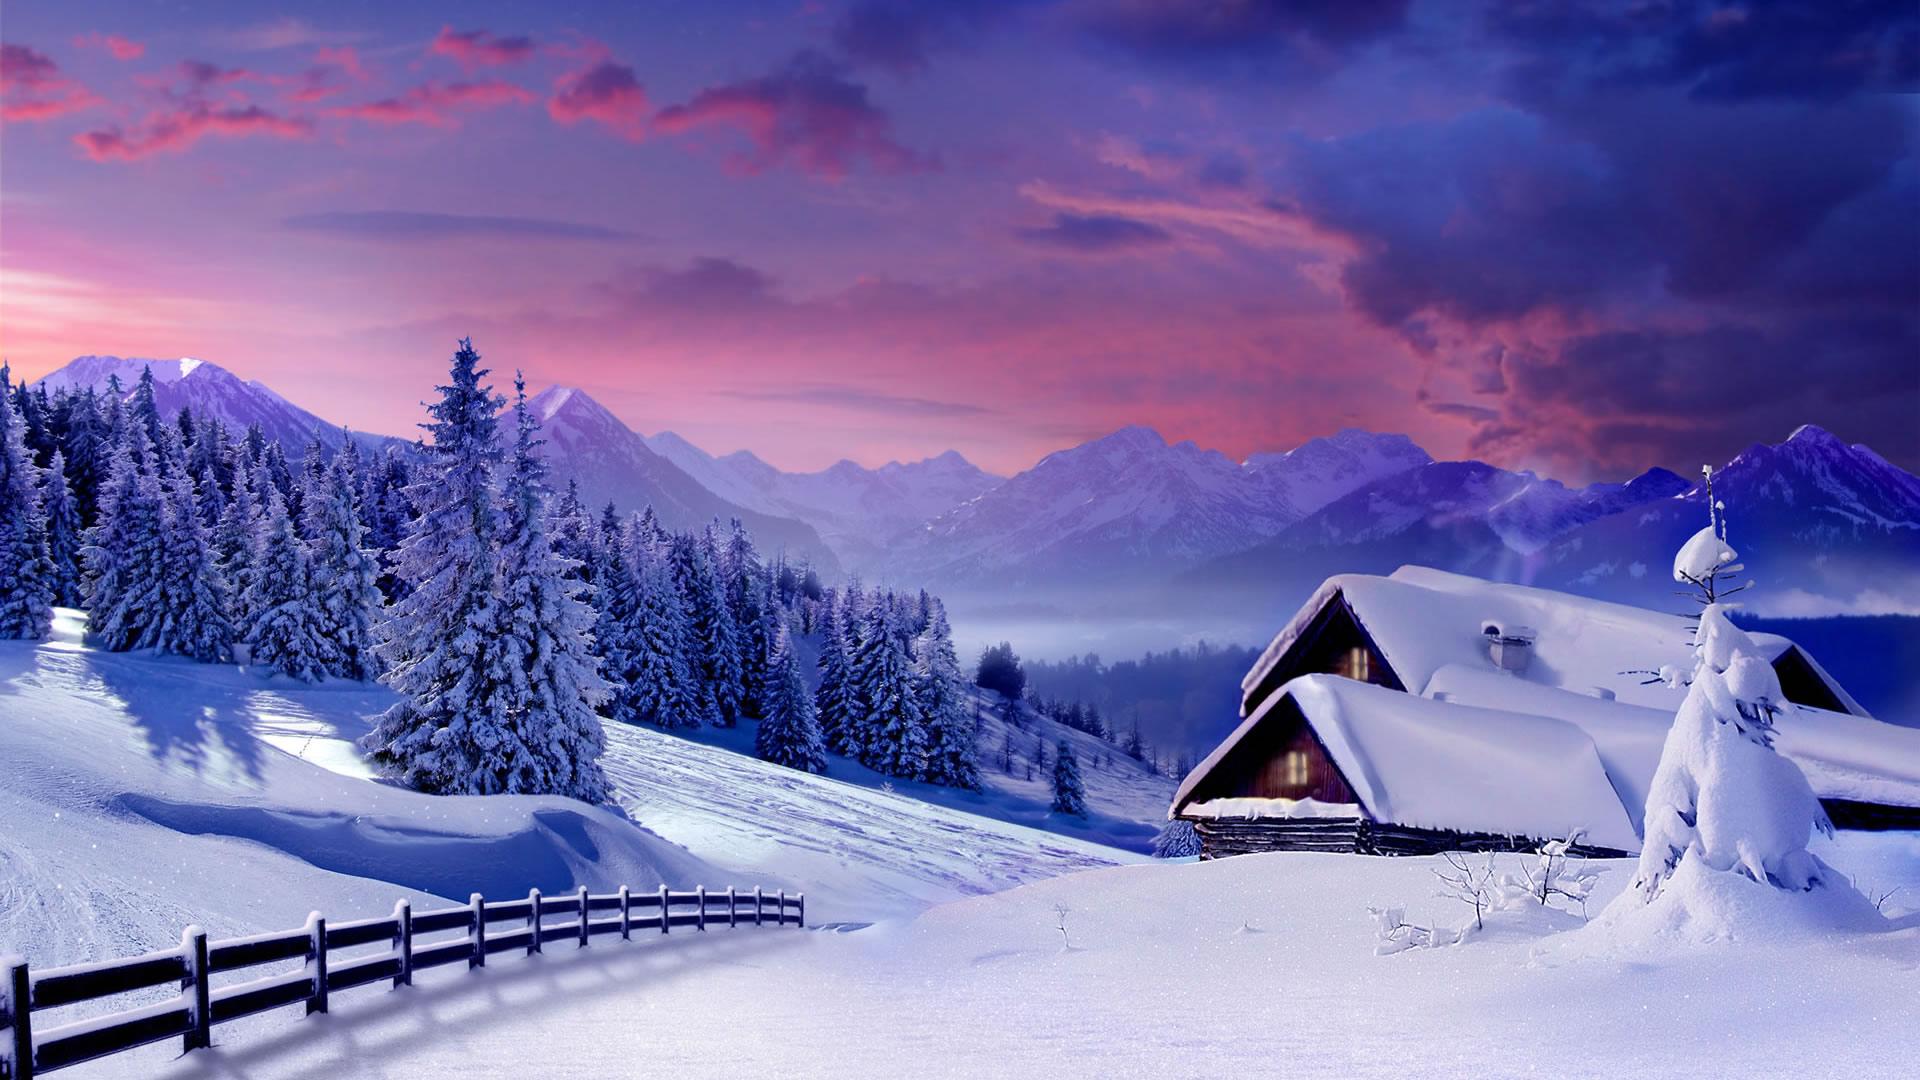 Free Winter HD Wallpapers PixelsTalk Desktop Winter Wallpapers HD CuteWallpaper HD Free Wallpaper Winter Scene, Free Winter Scene Wallpapers 1920x1080